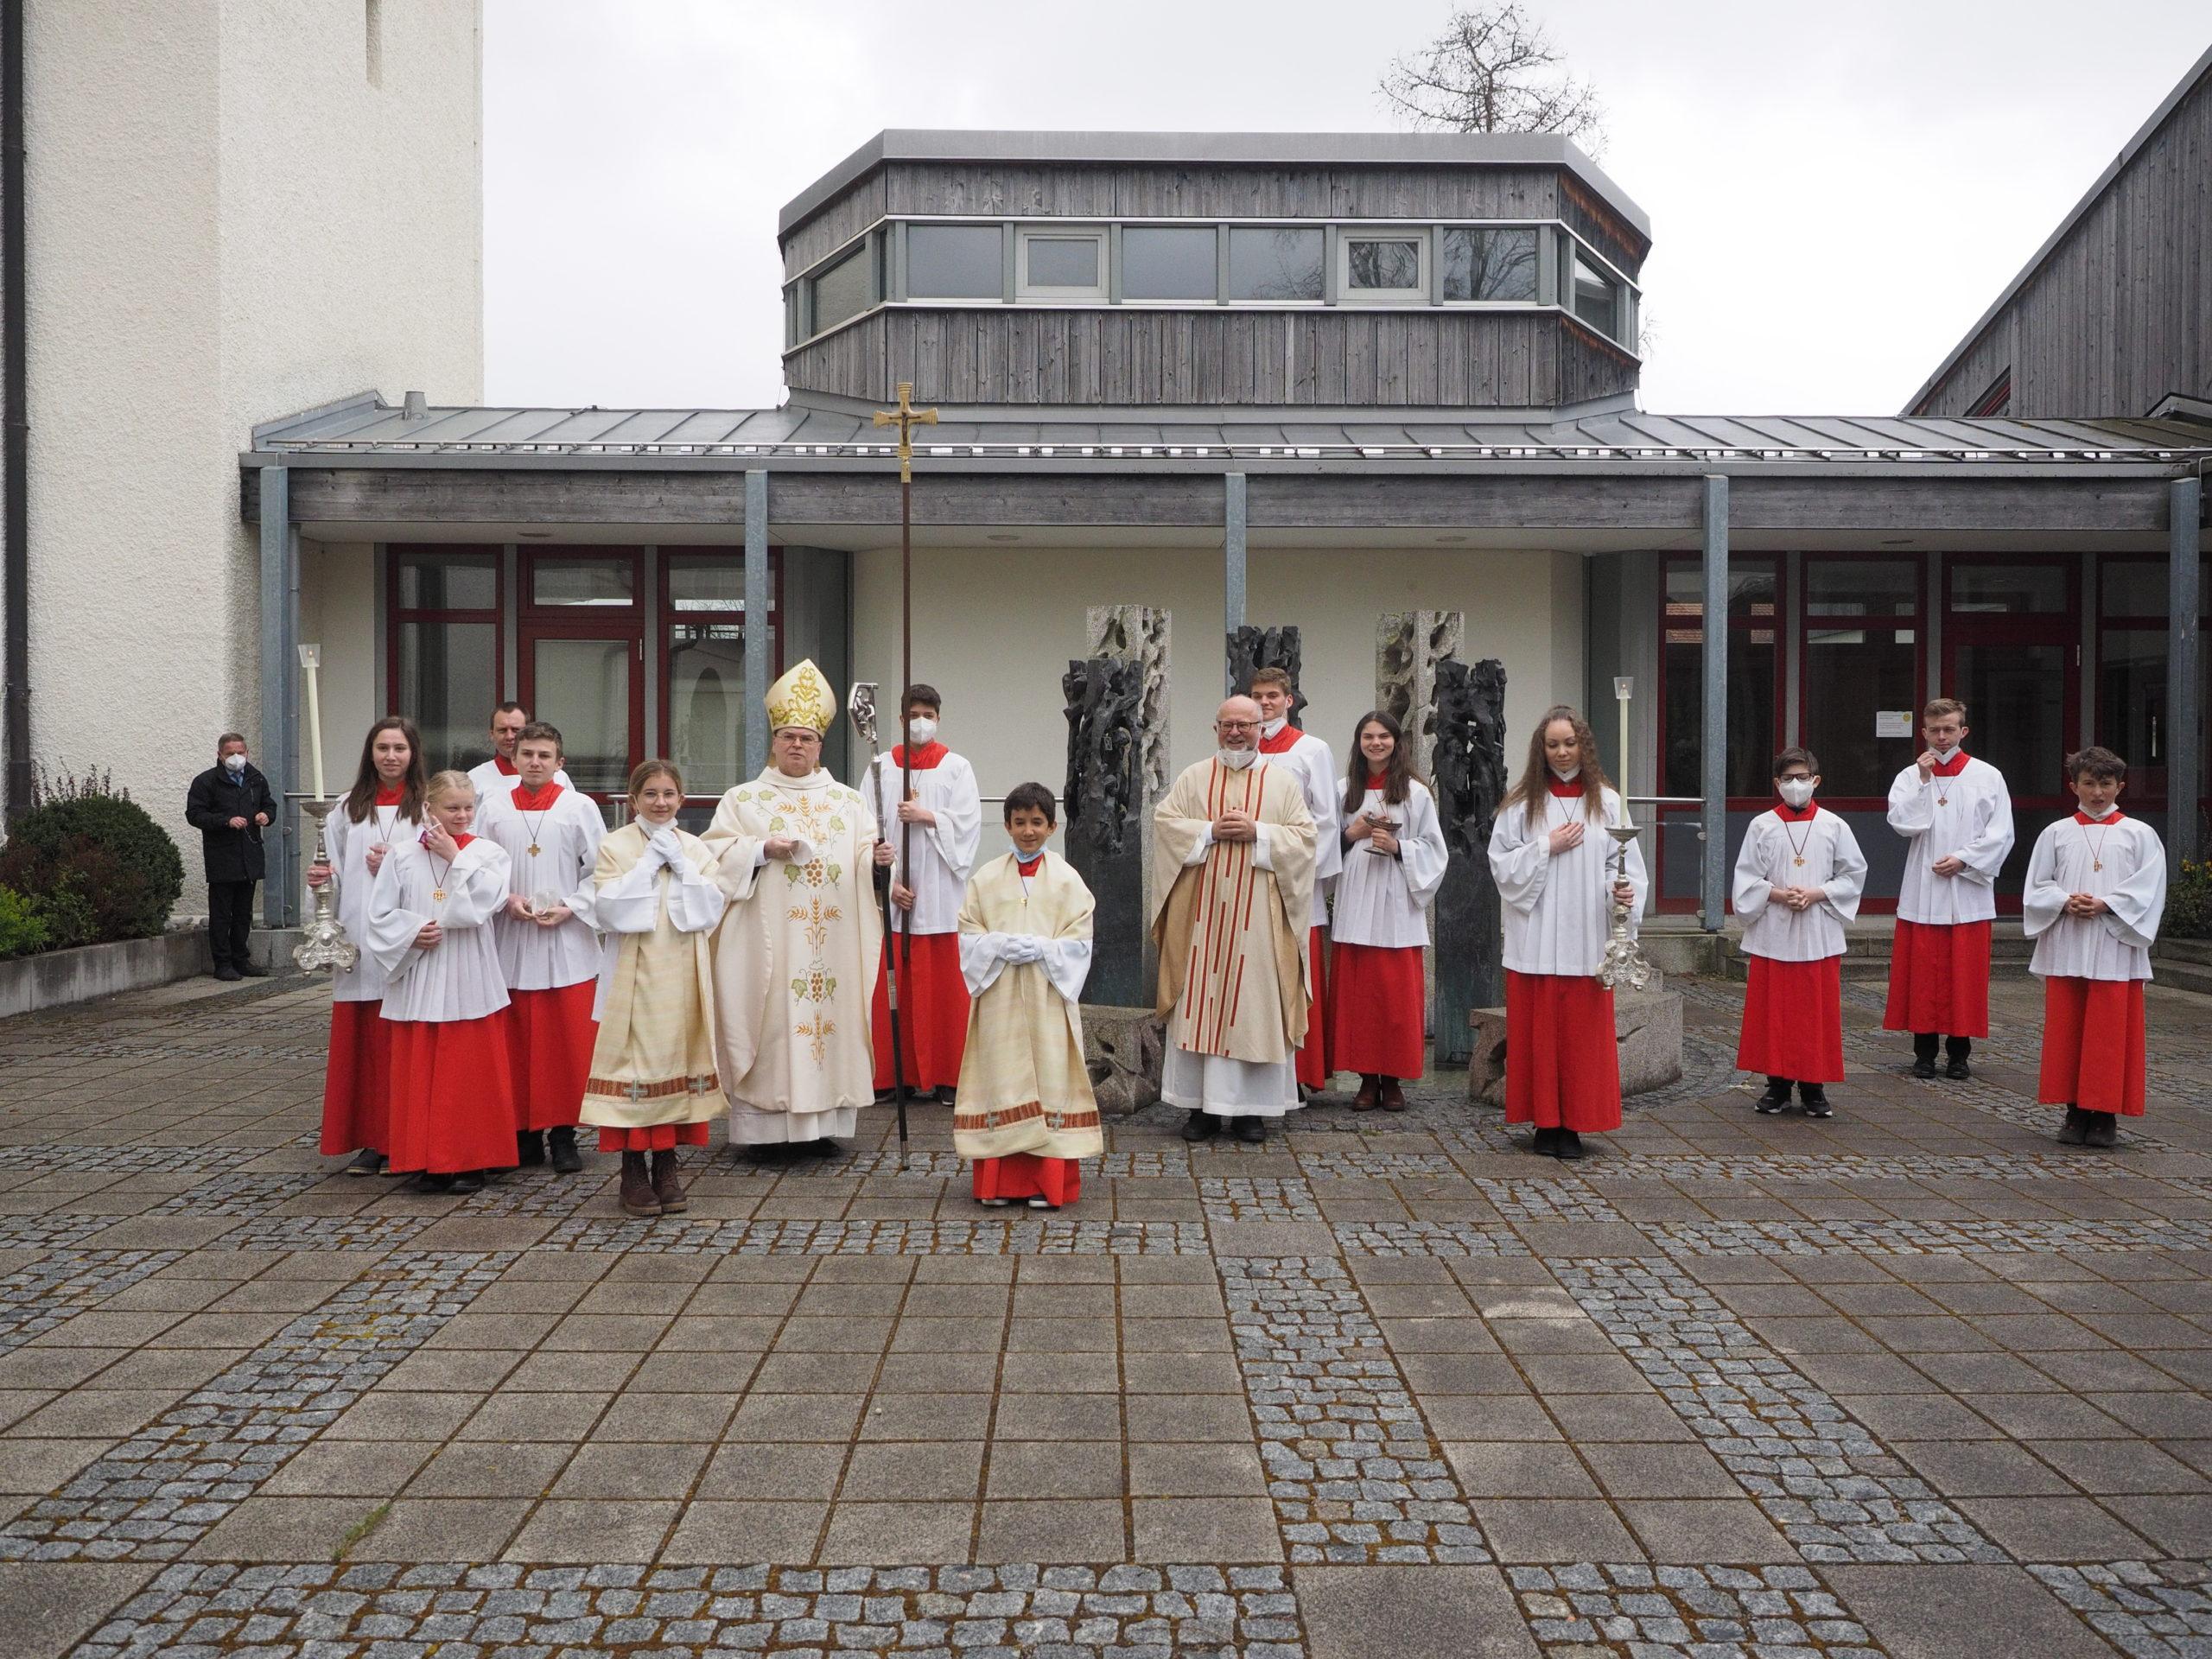 100 Jahre Ambulante Krankenpflege Tutzing e.V.